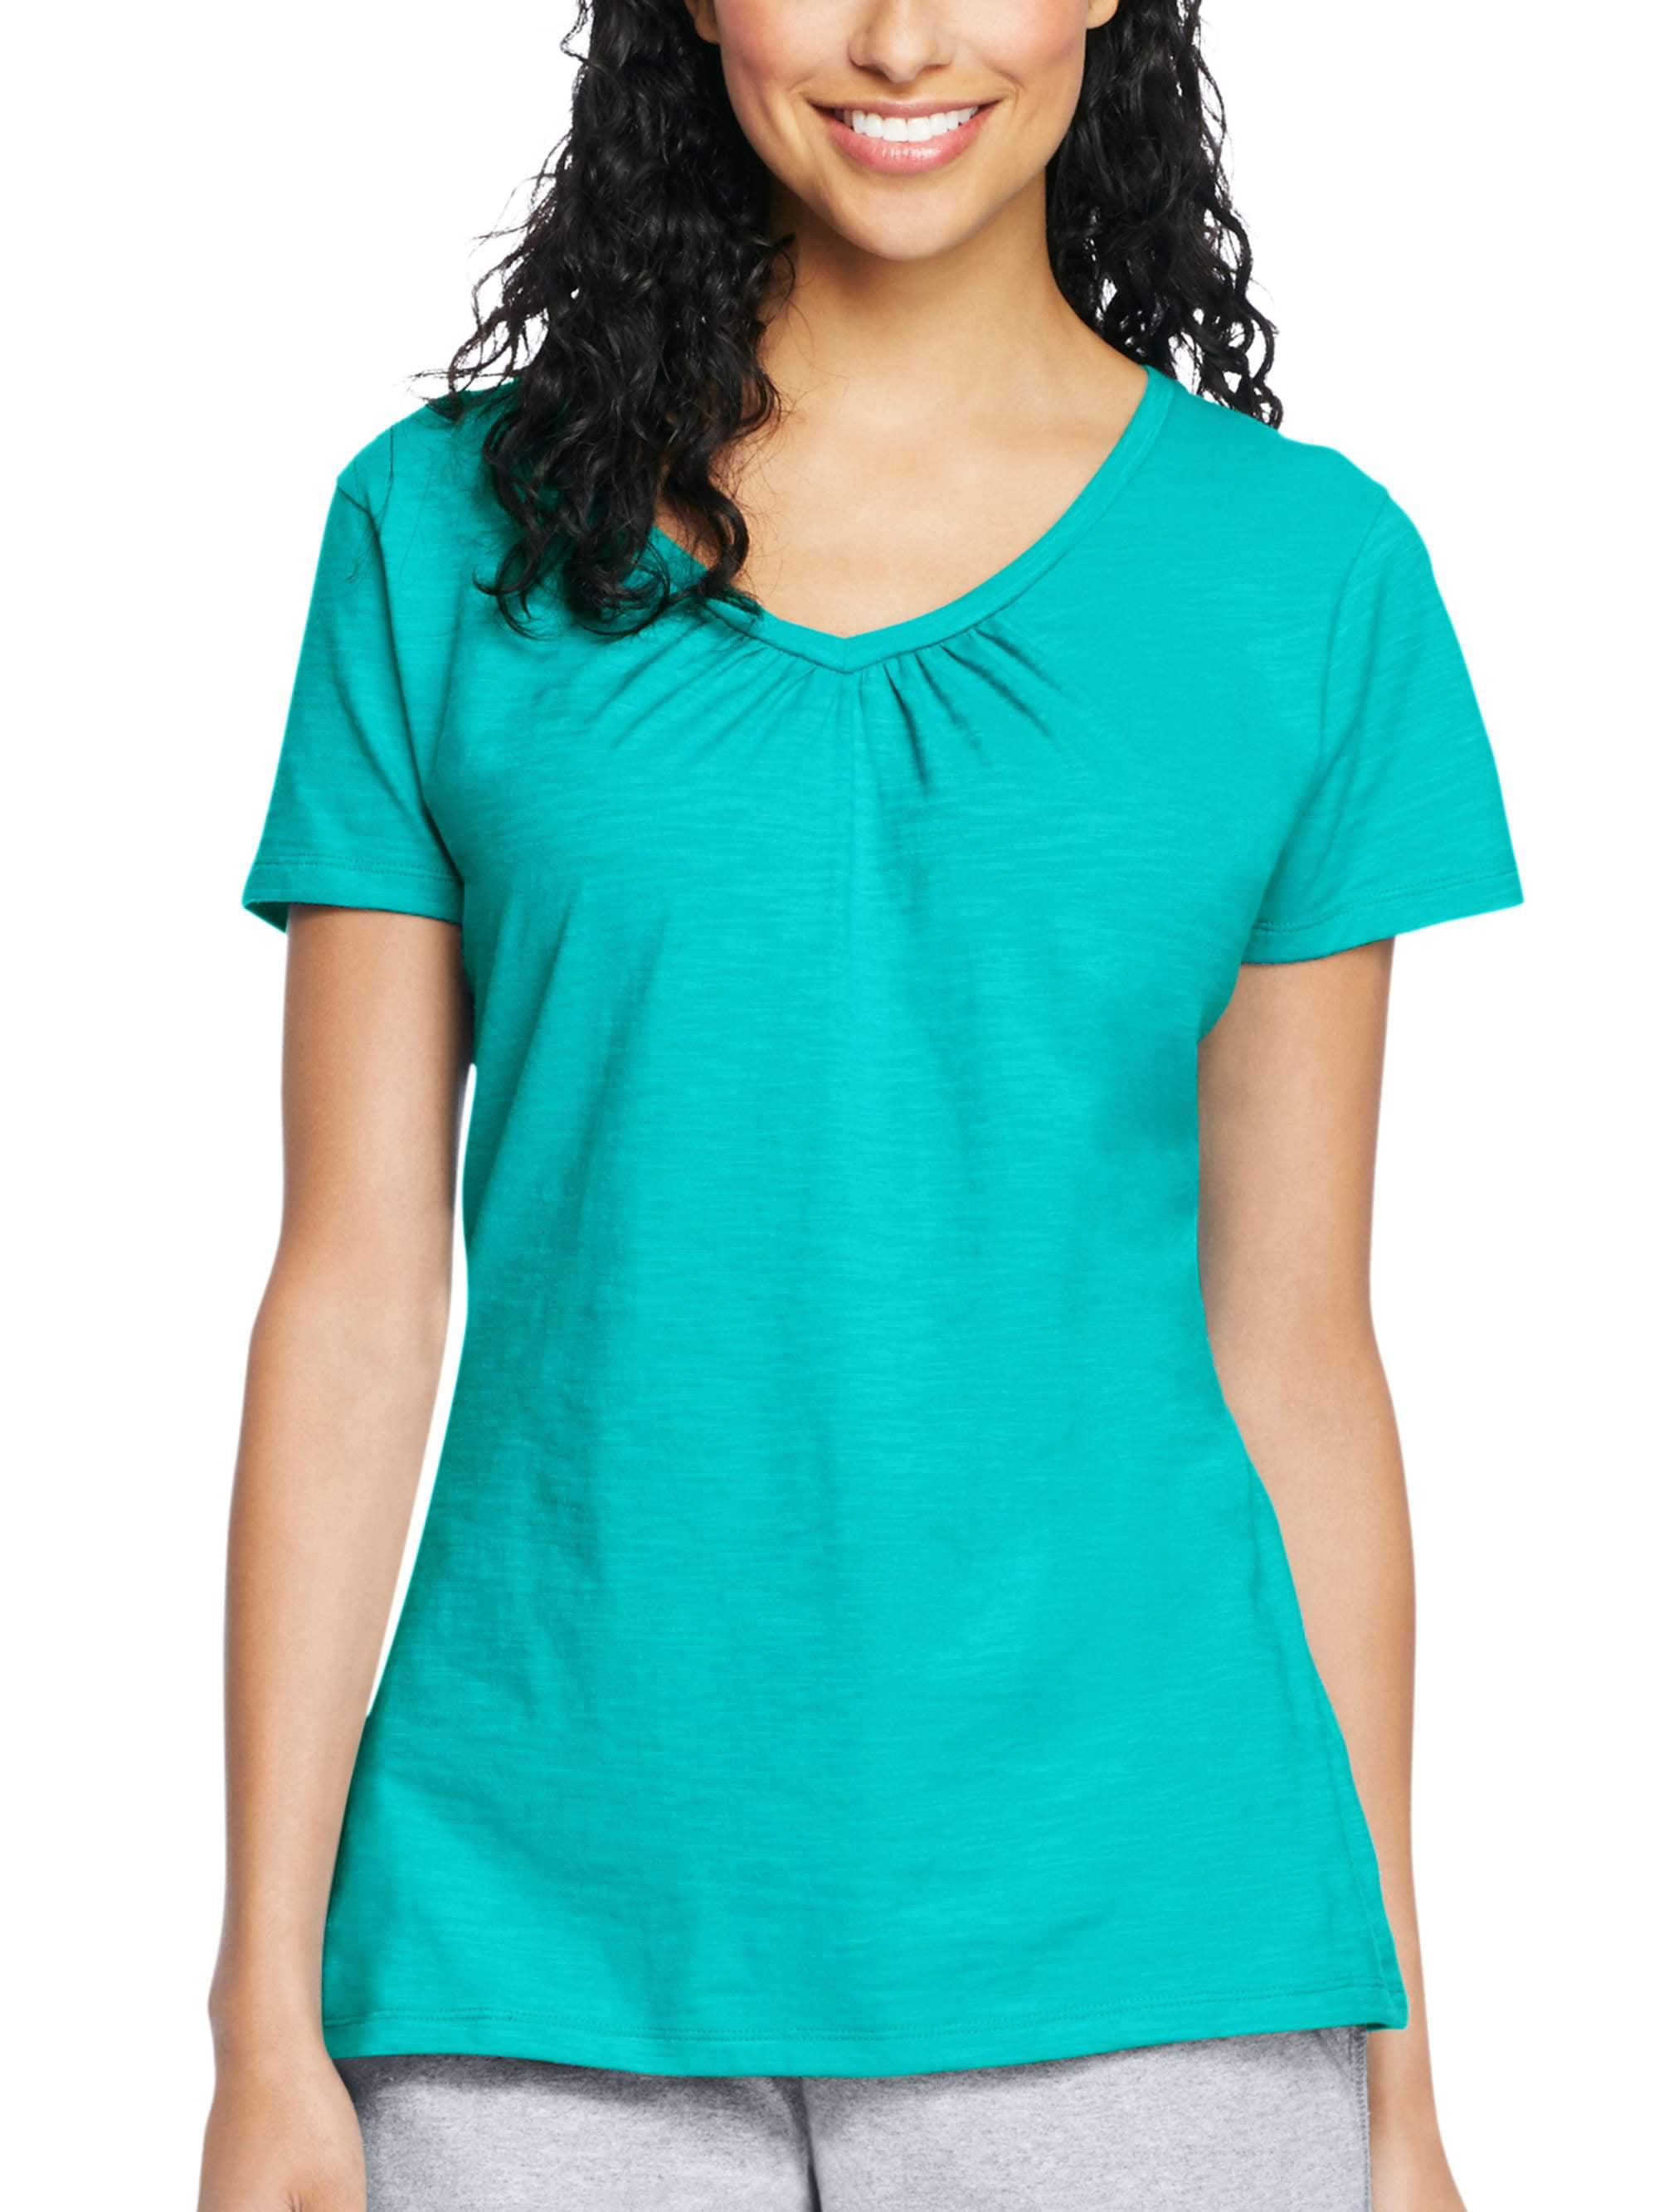 a29d903212f Hanes - Women s Slub Jersey Shirred V-Neck T Shirt - Walmart.com